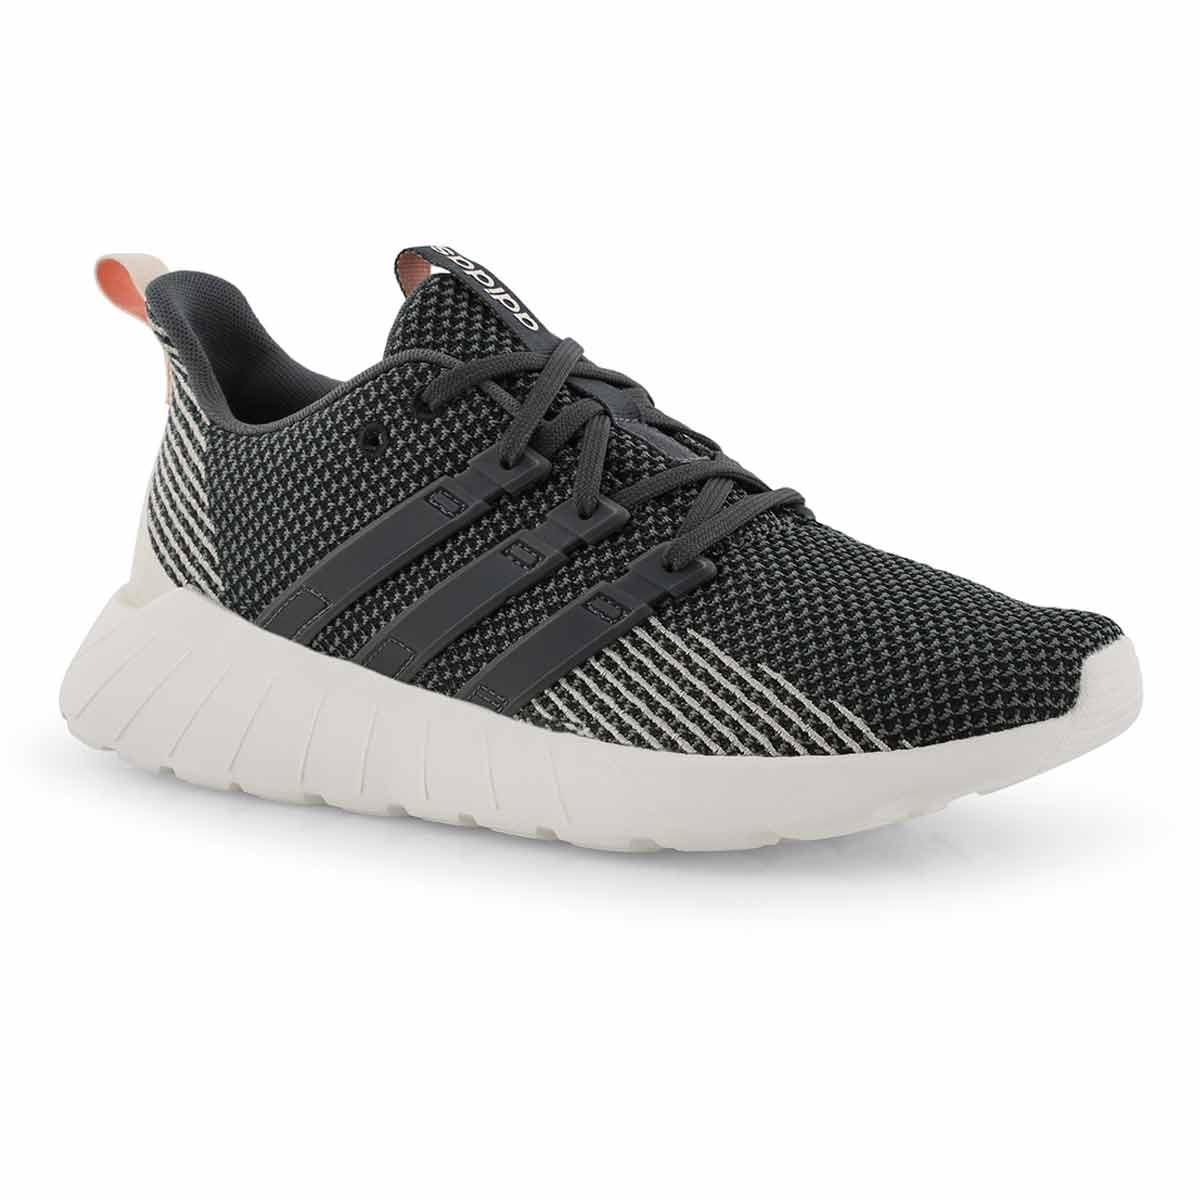 Lds Questar Flow blk/gry running shoe